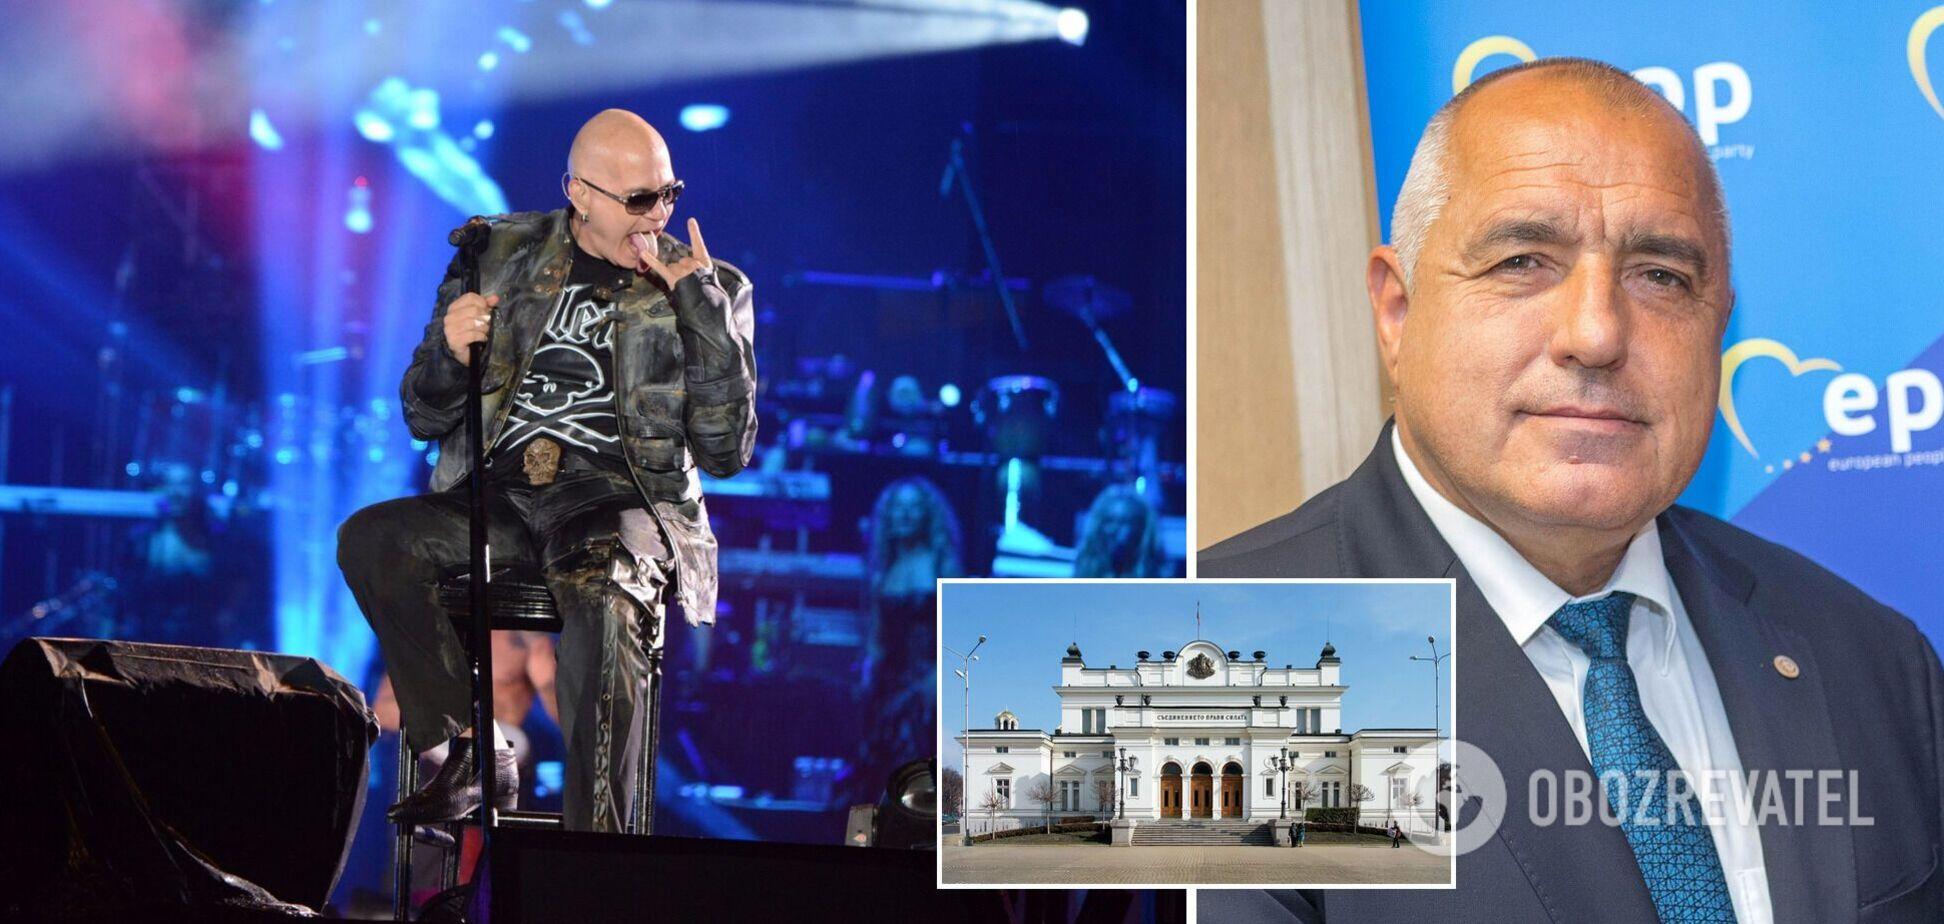 На выборах в парламент Болгарии лидируют партии экс-шоумена и бывшего премьер-министра